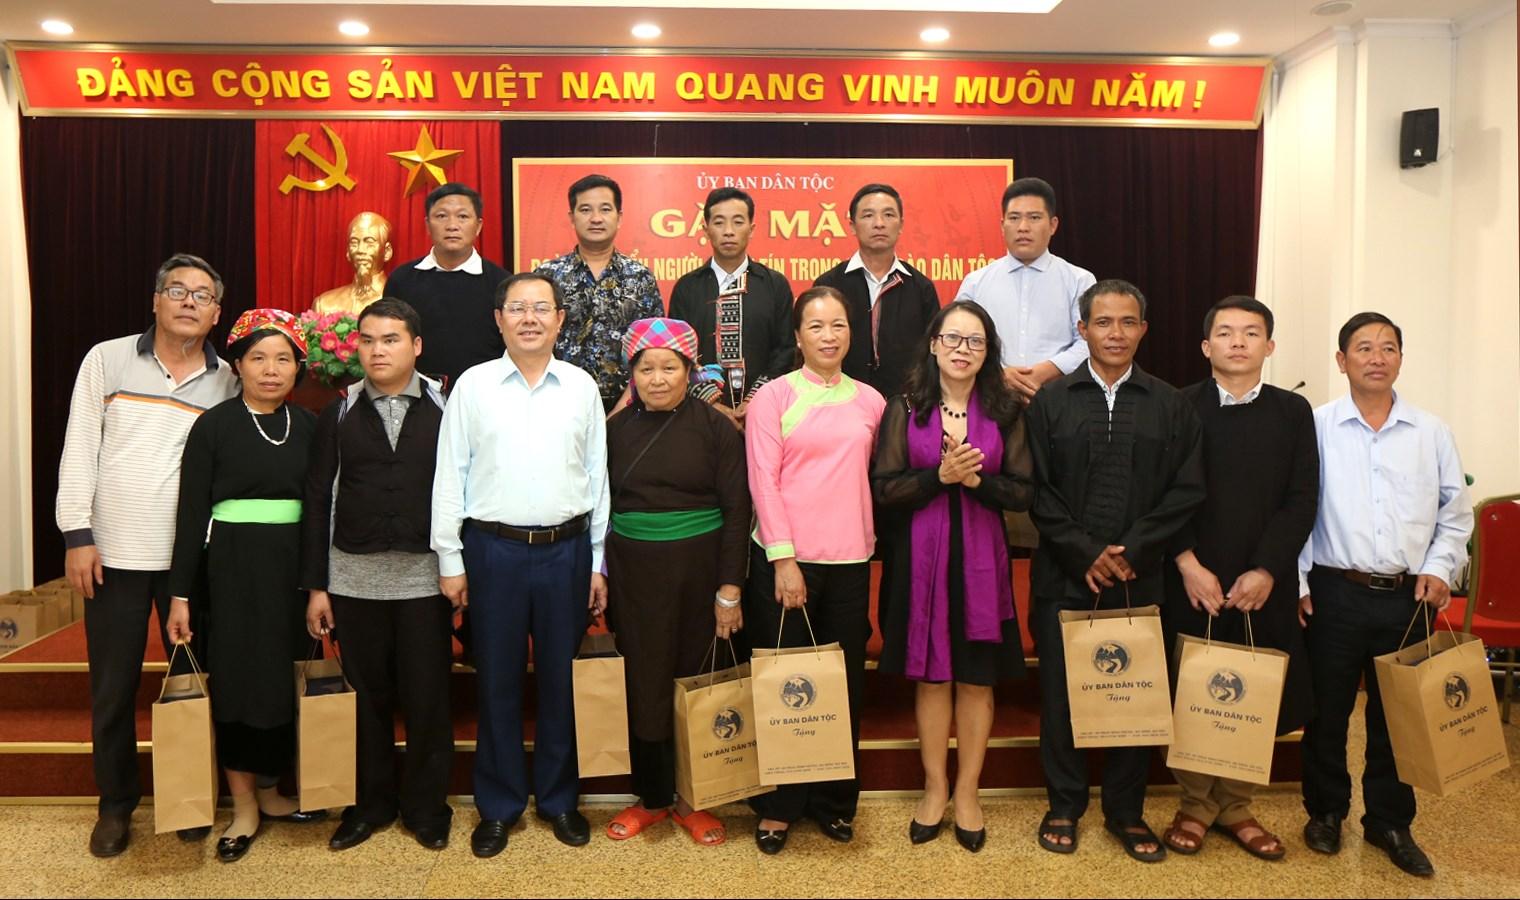 Thứ trưởng, Phó Chủ nhiệm UBDT Hoàng Thị Hạnh tặng quà và chụp ảnh lưu niệm cùng các đại biểu